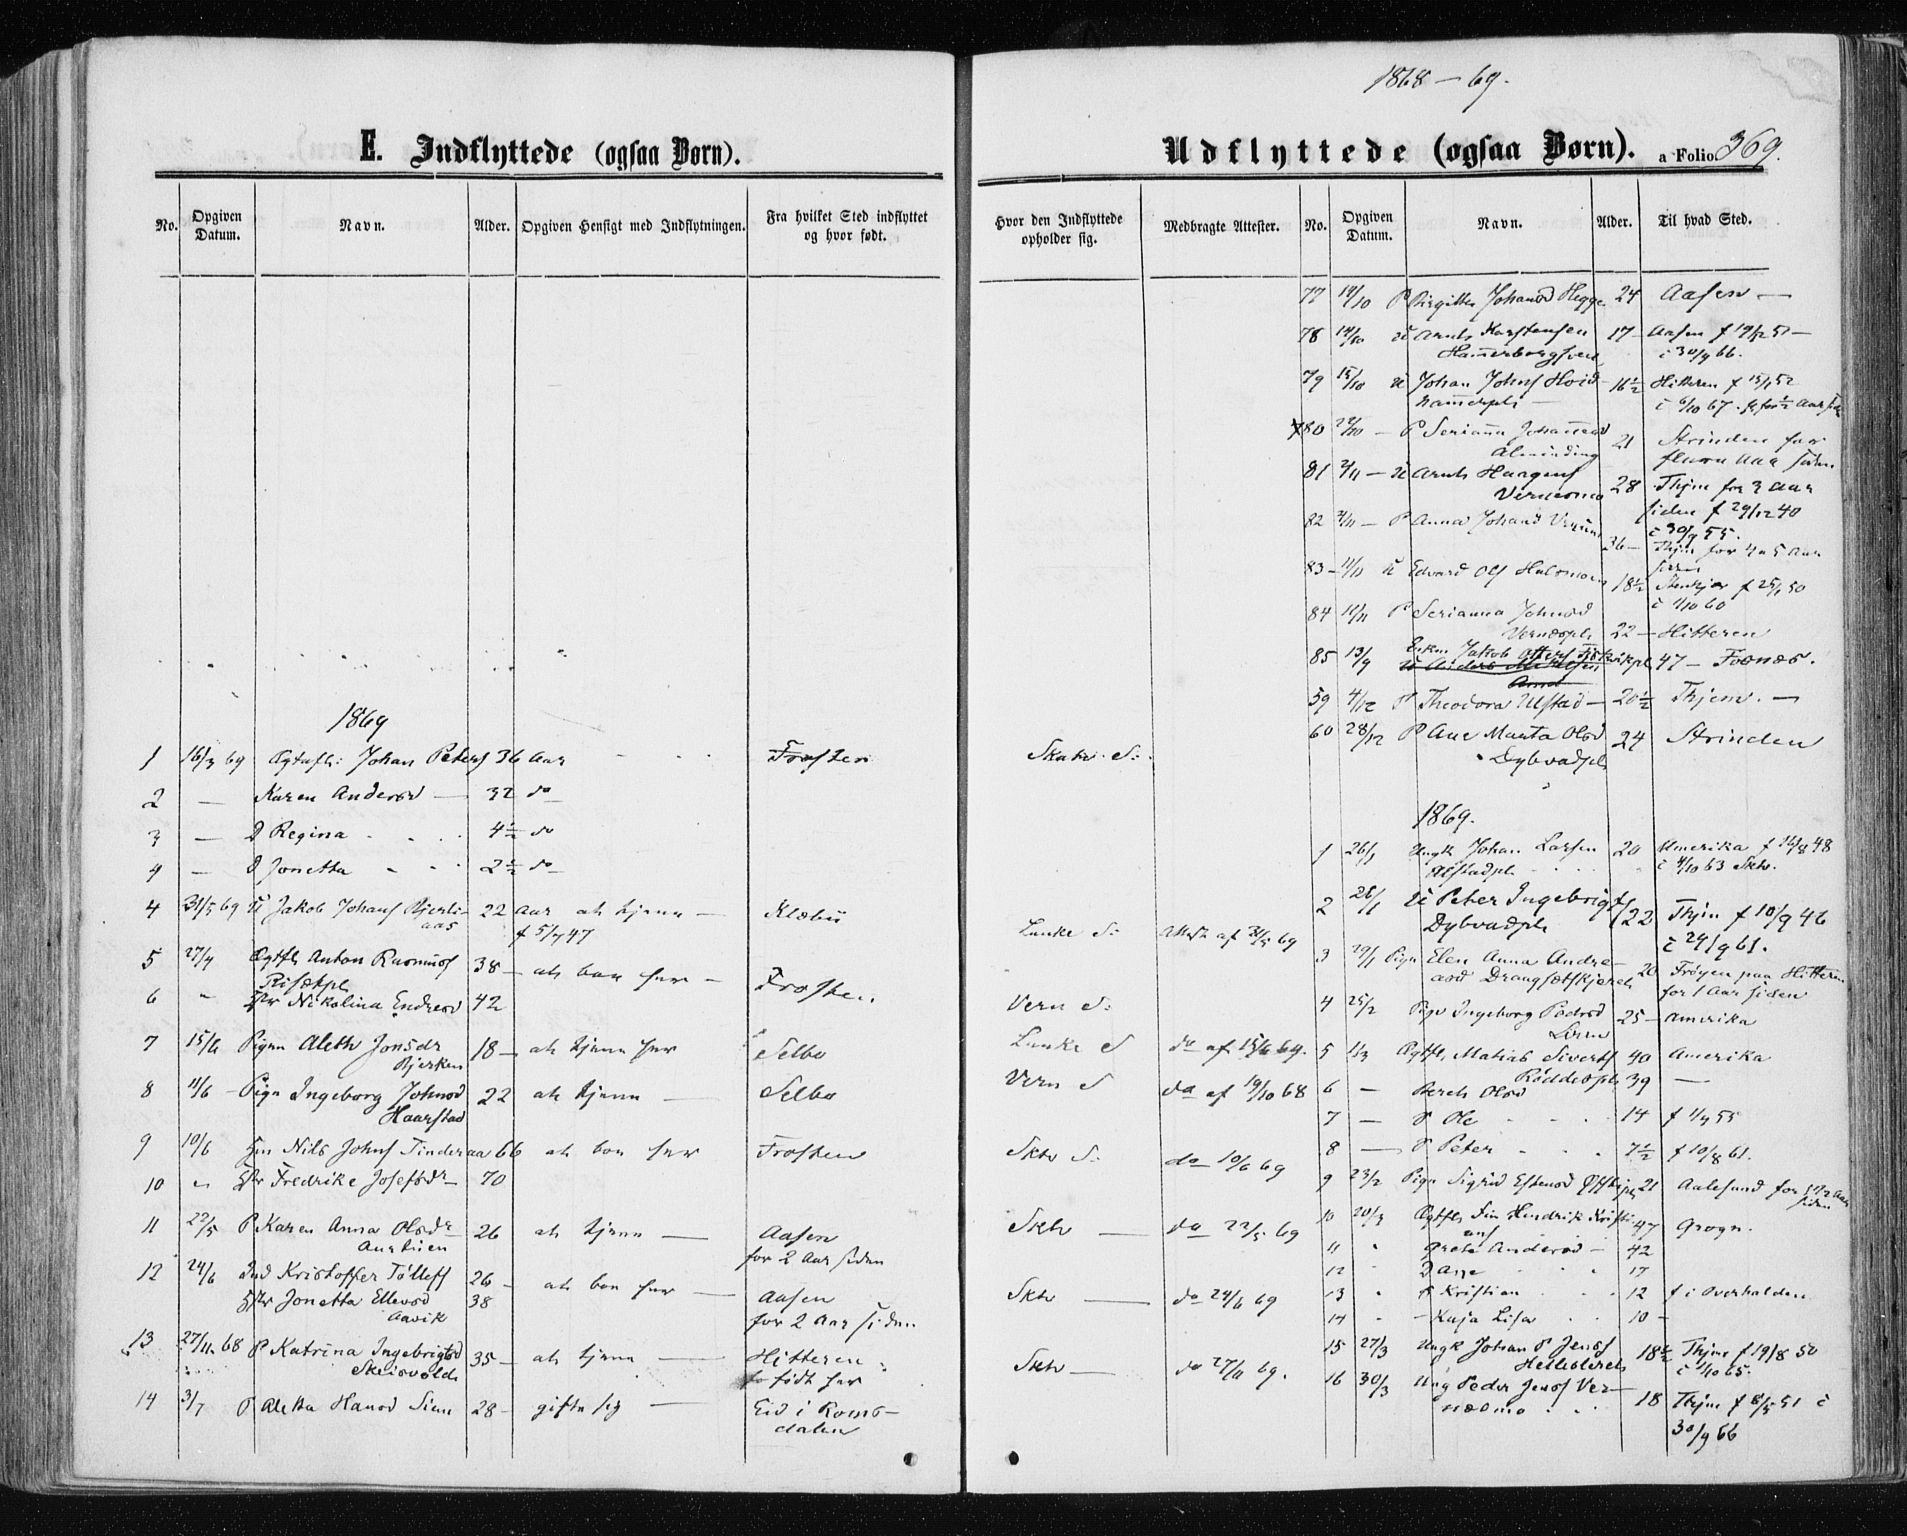 SAT, Ministerialprotokoller, klokkerbøker og fødselsregistre - Nord-Trøndelag, 709/L0075: Ministerialbok nr. 709A15, 1859-1870, s. 369